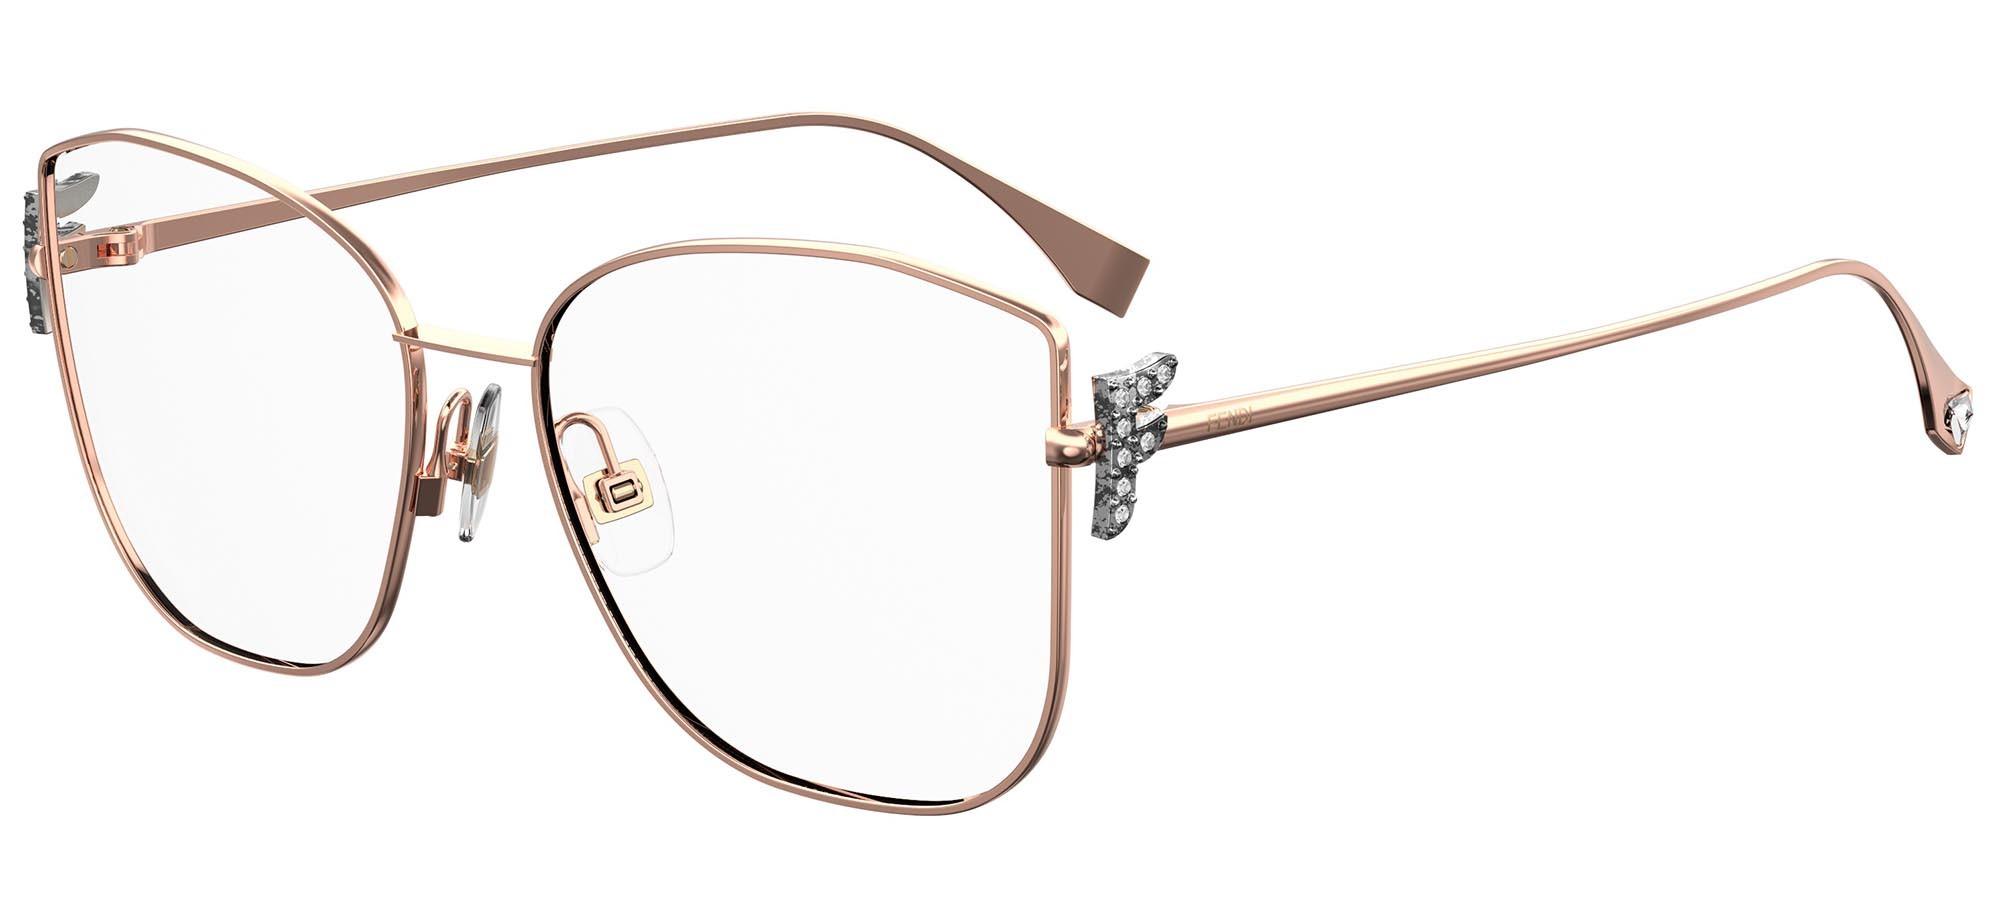 Fendi eyeglasses FENDI FREEDOM FF 0390/G